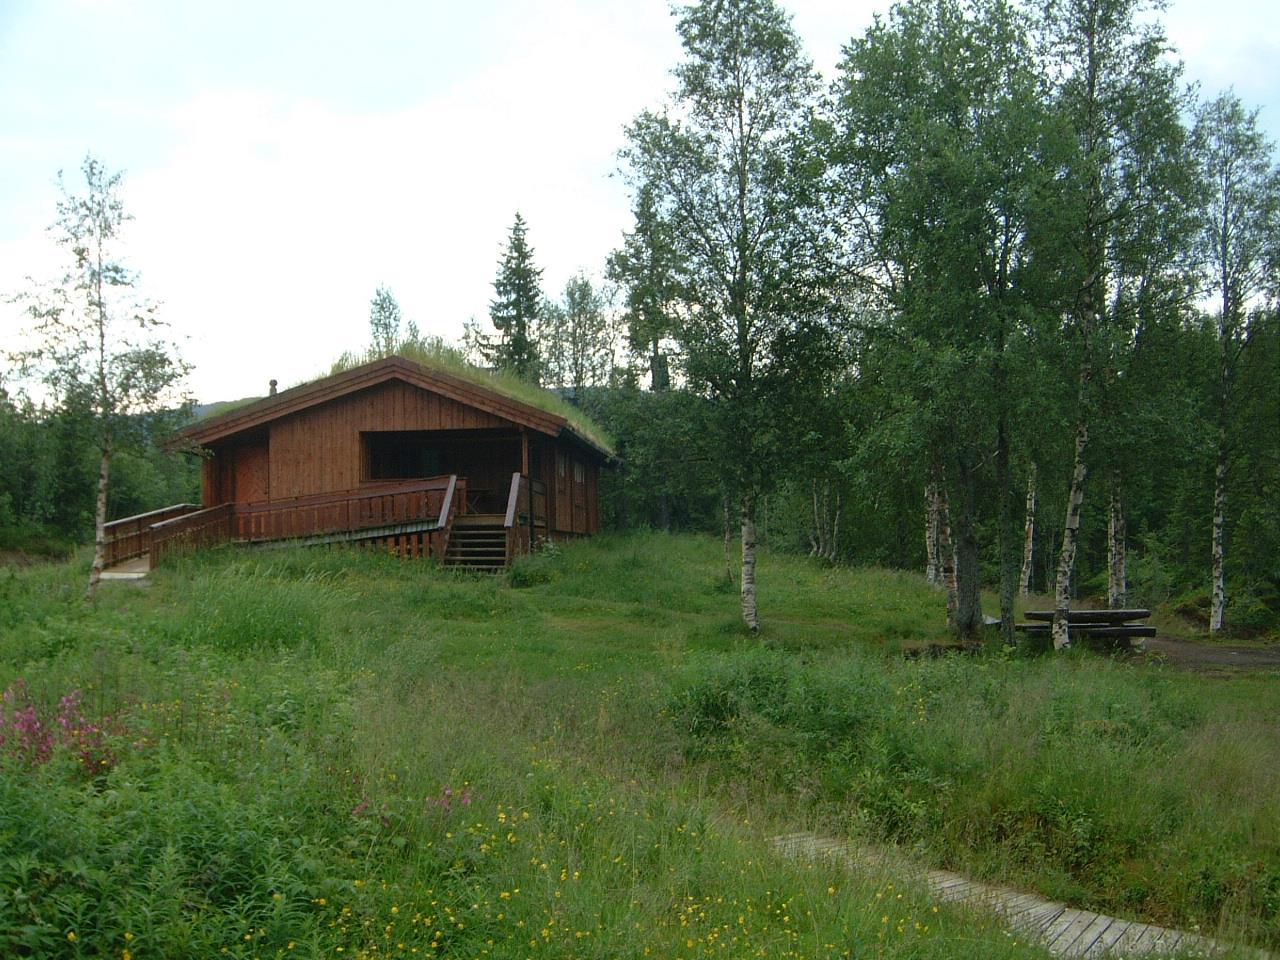 Lustadstua (Lustad Cabin)